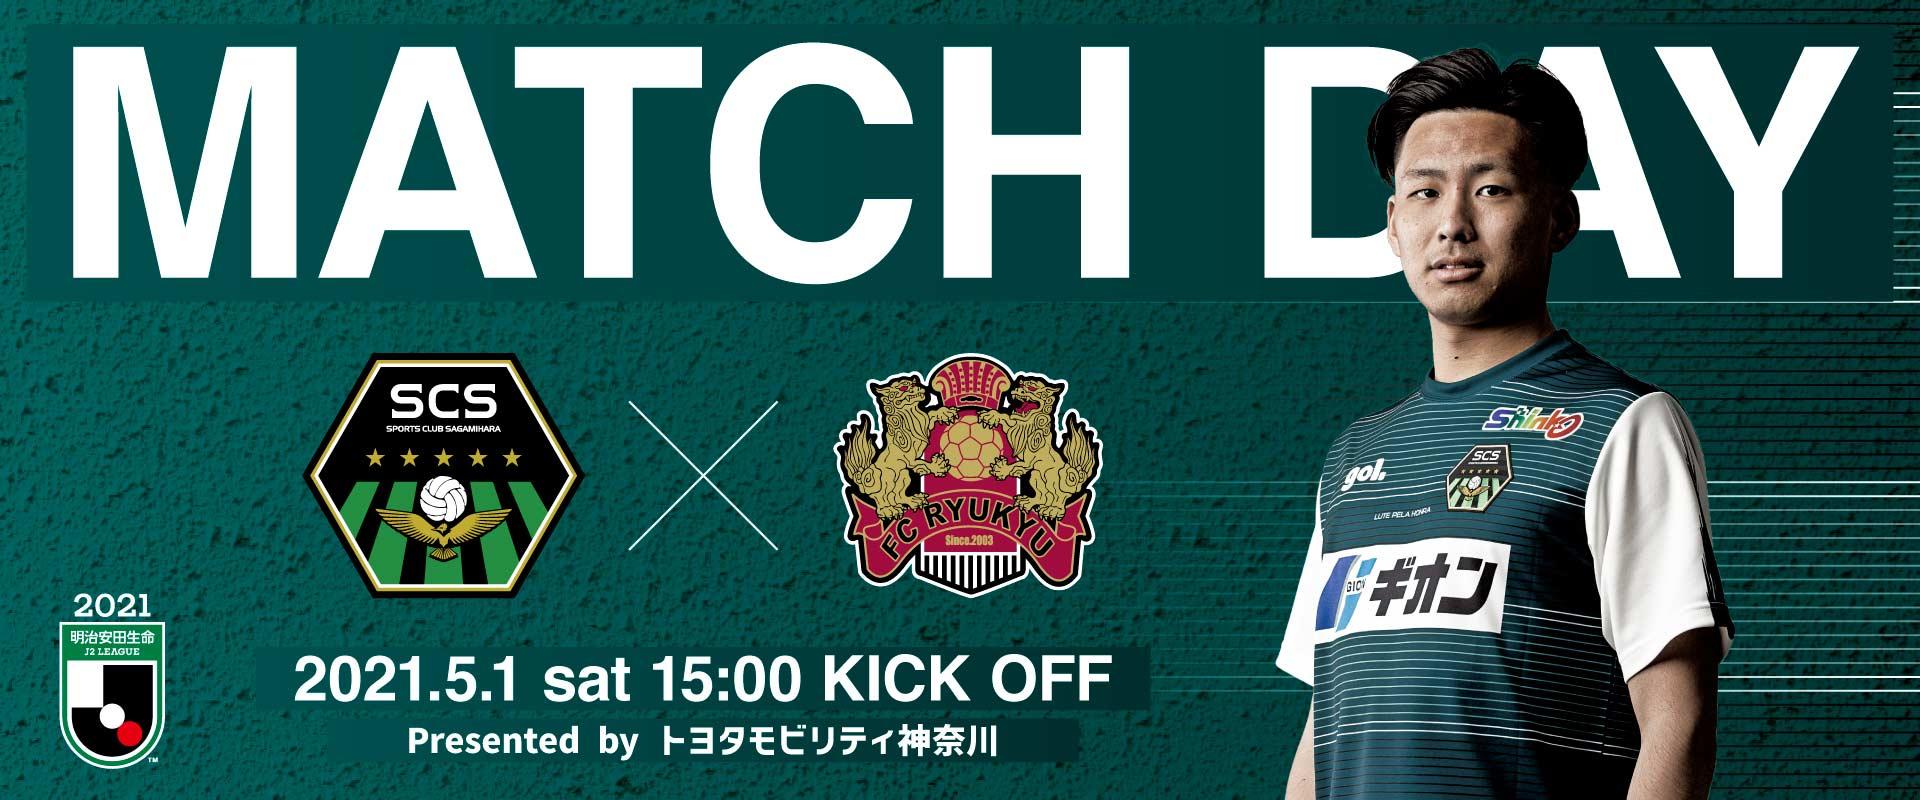 matchday20210501.jpg